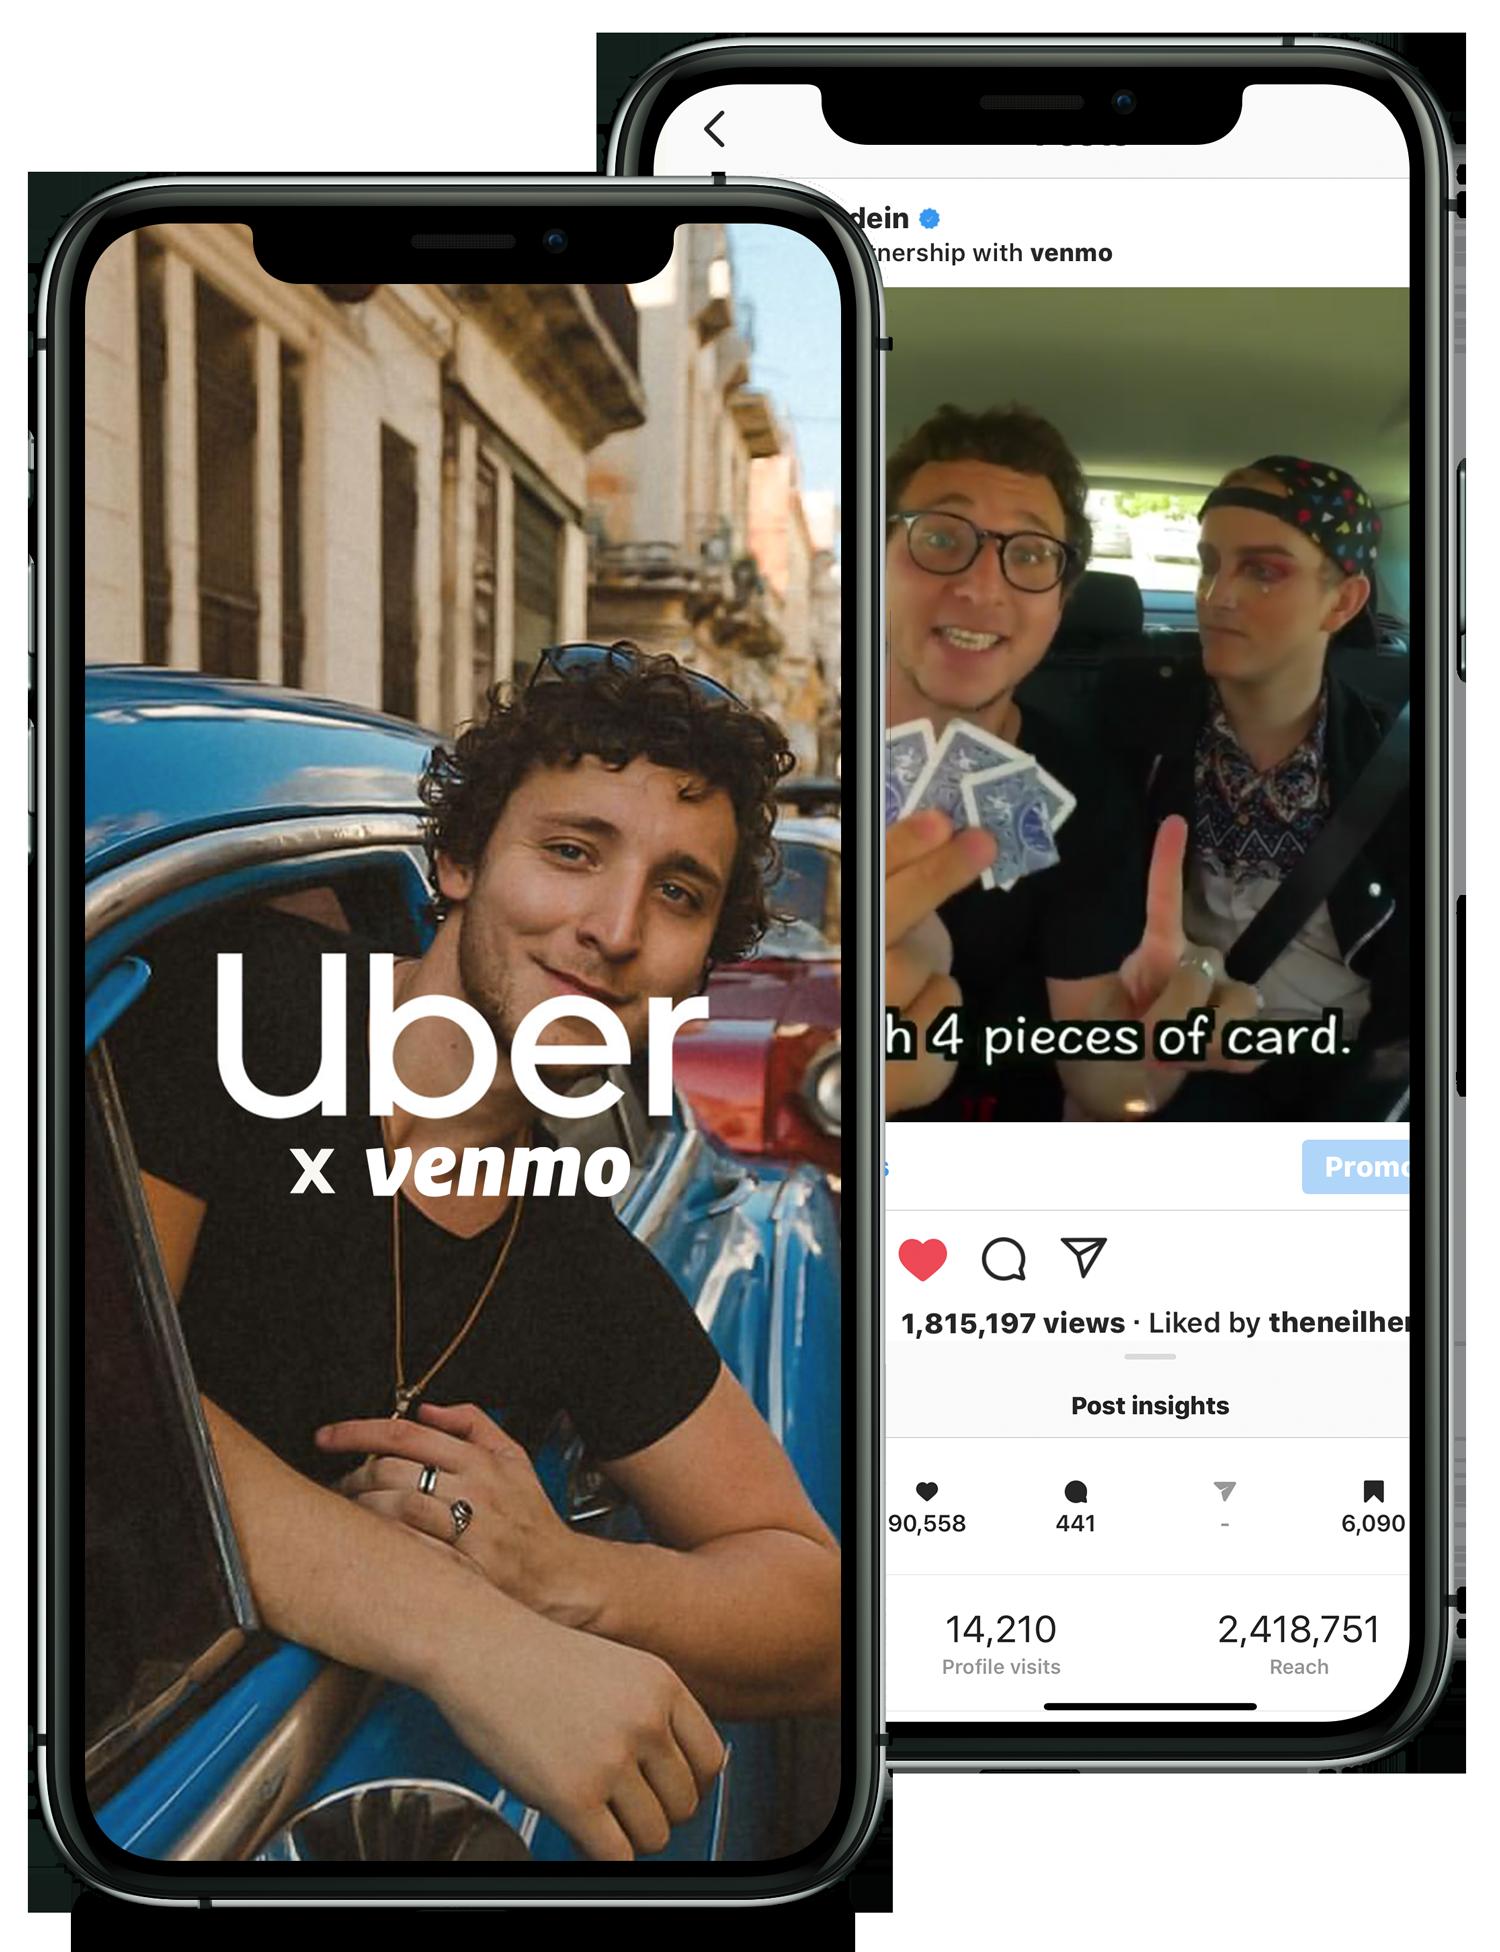 UberxVenmo